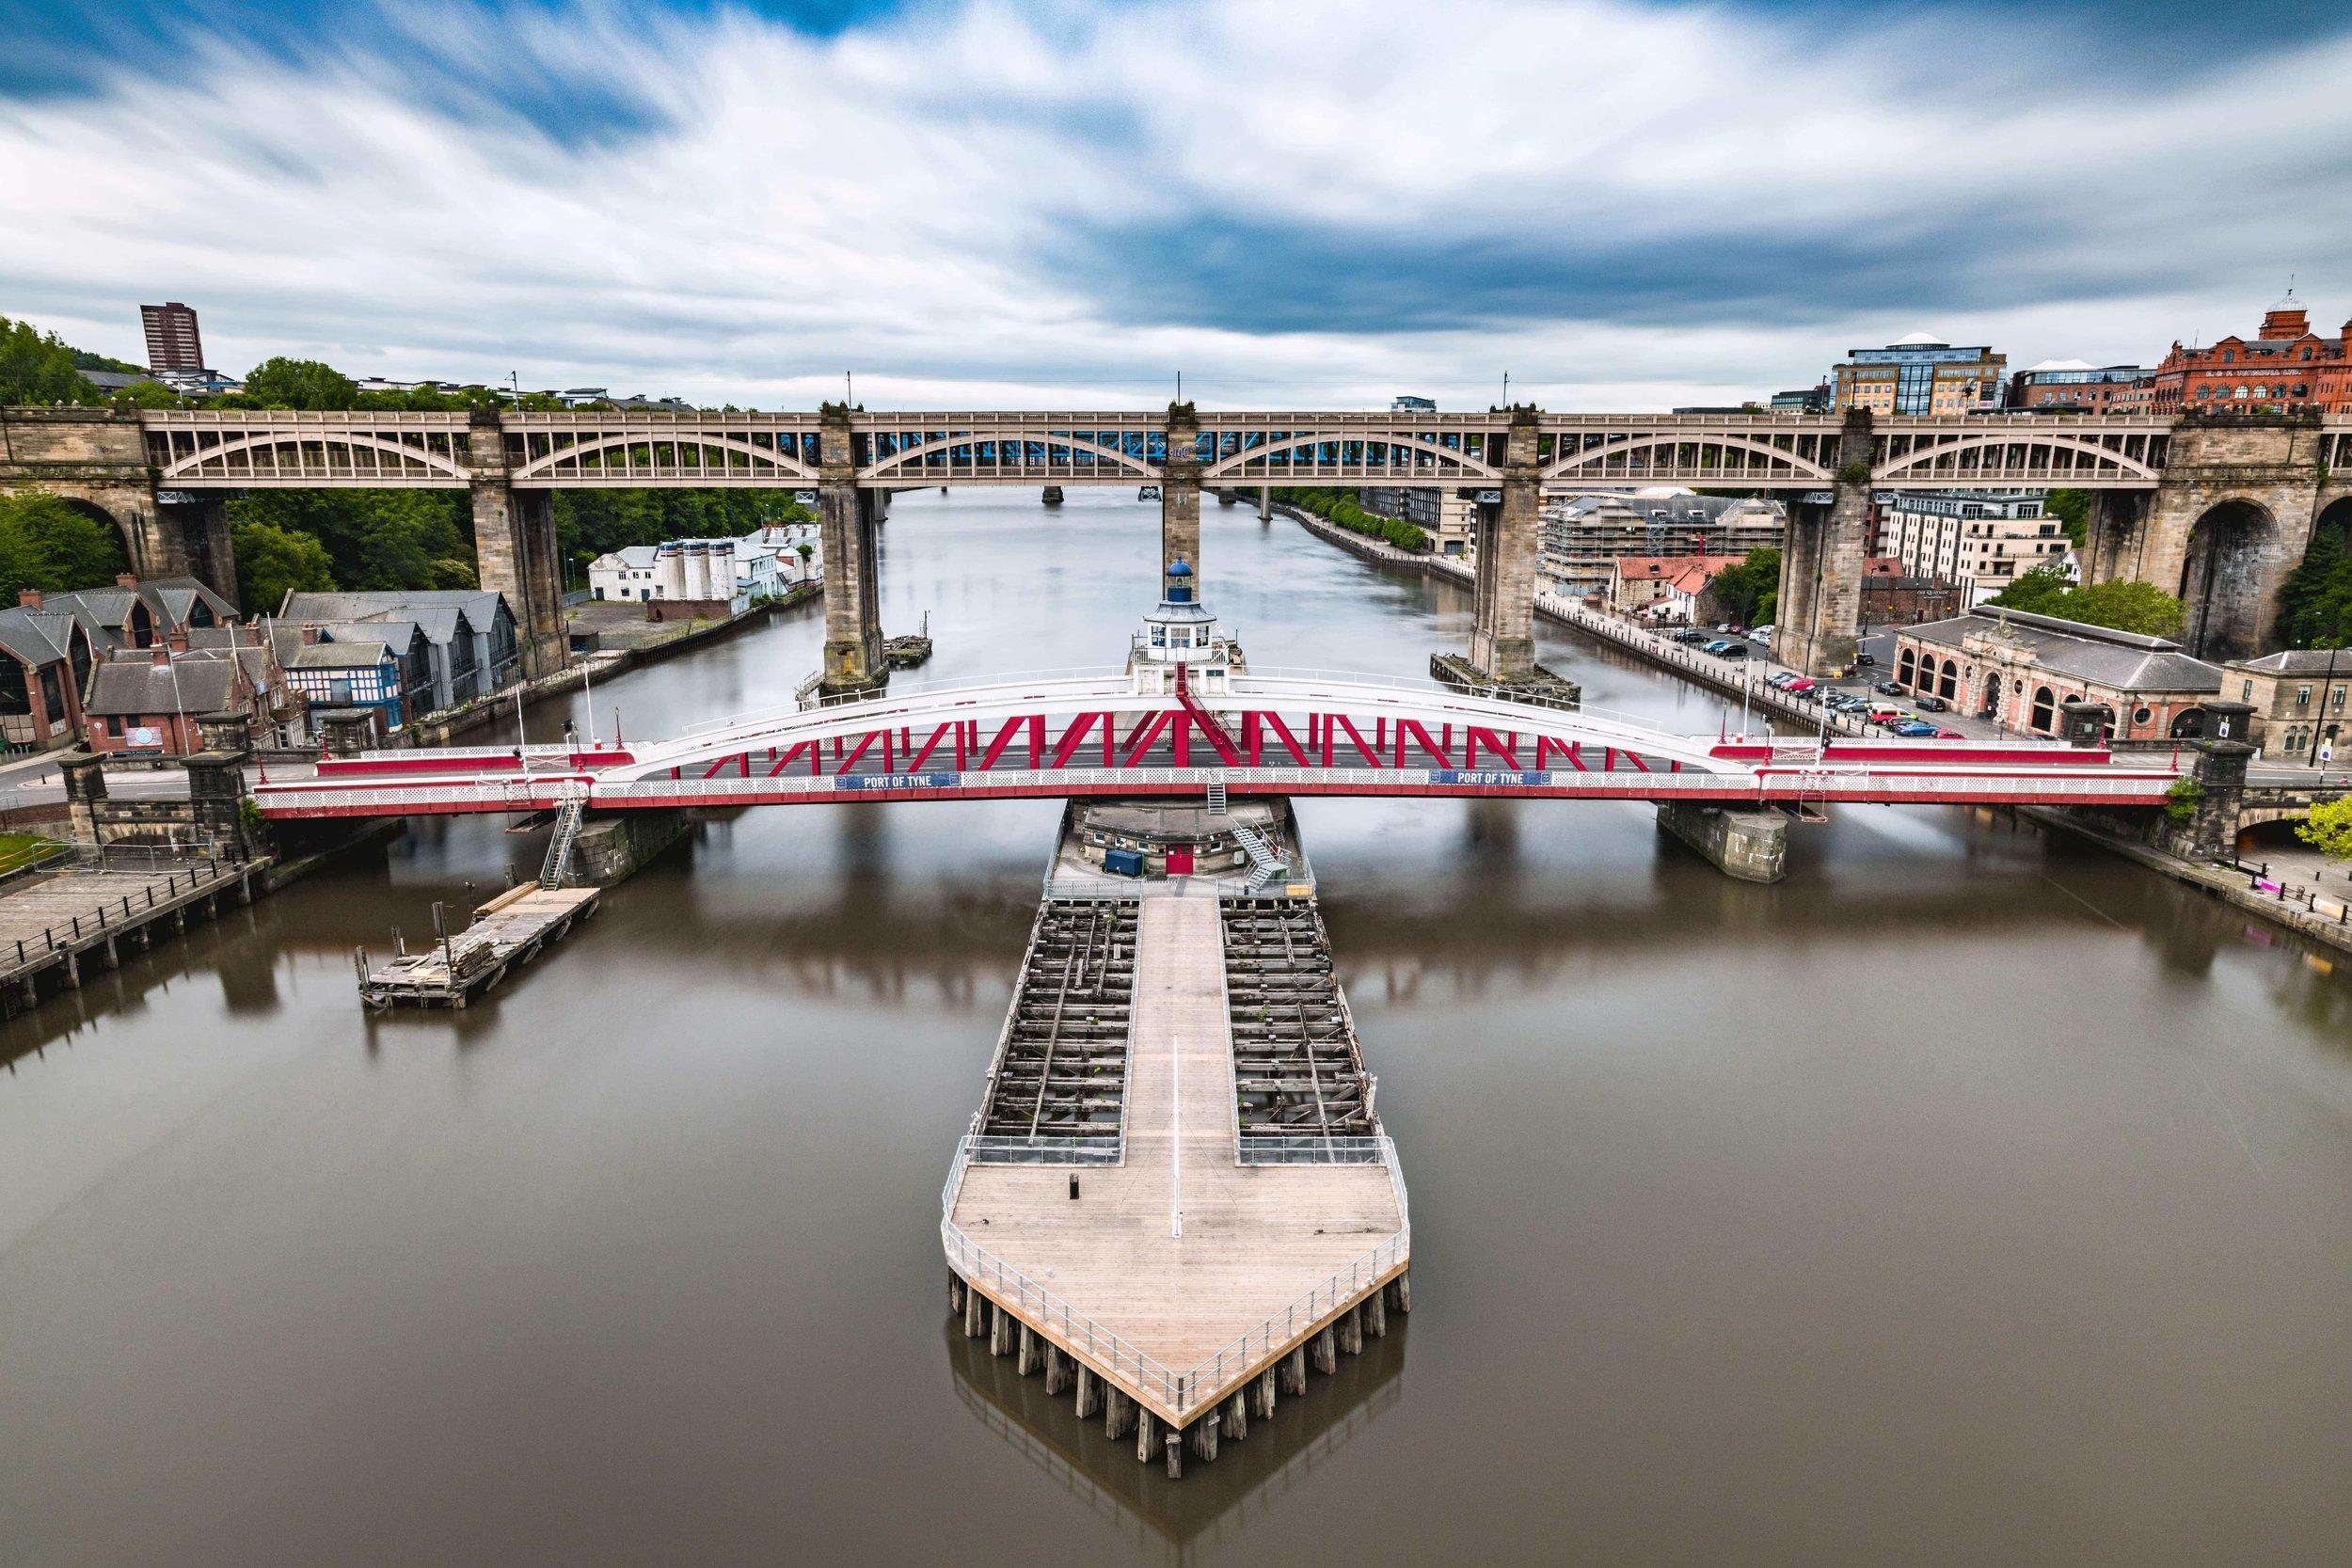 FabioBurrelliPhotography_Architecture_Newcastle_Web_6.jpg